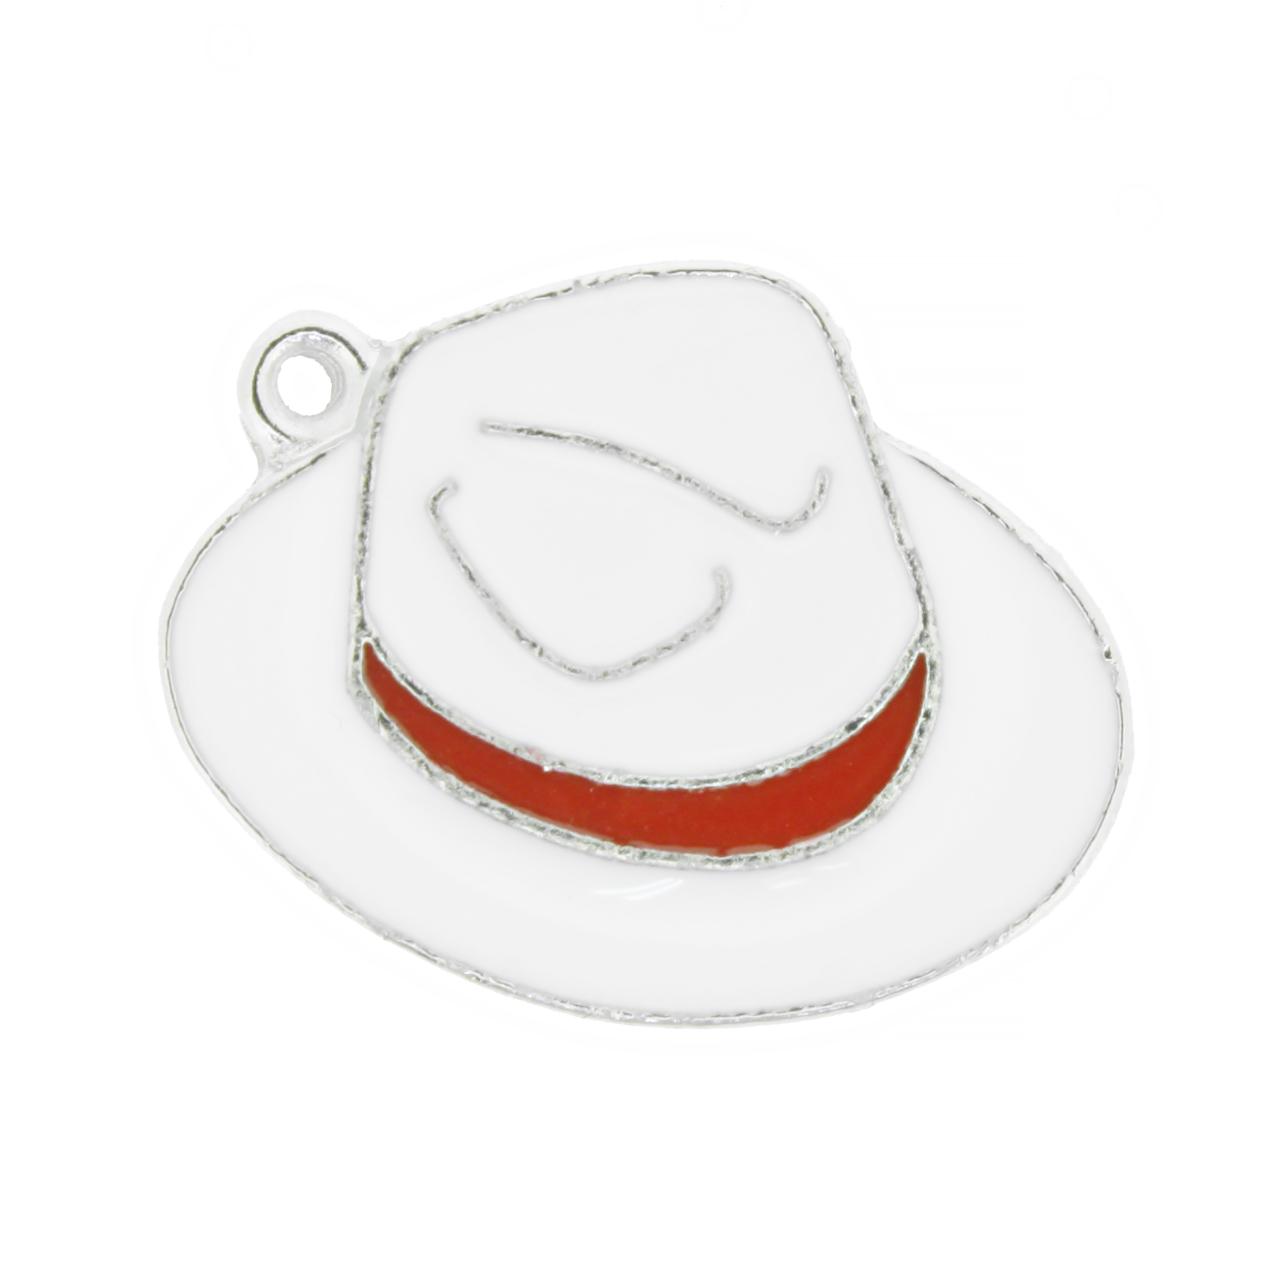 Chapéu Resinado - Branco e Vermelho - 22mm  - Stéphanie Bijoux® - Peças para Bijuterias e Artesanato